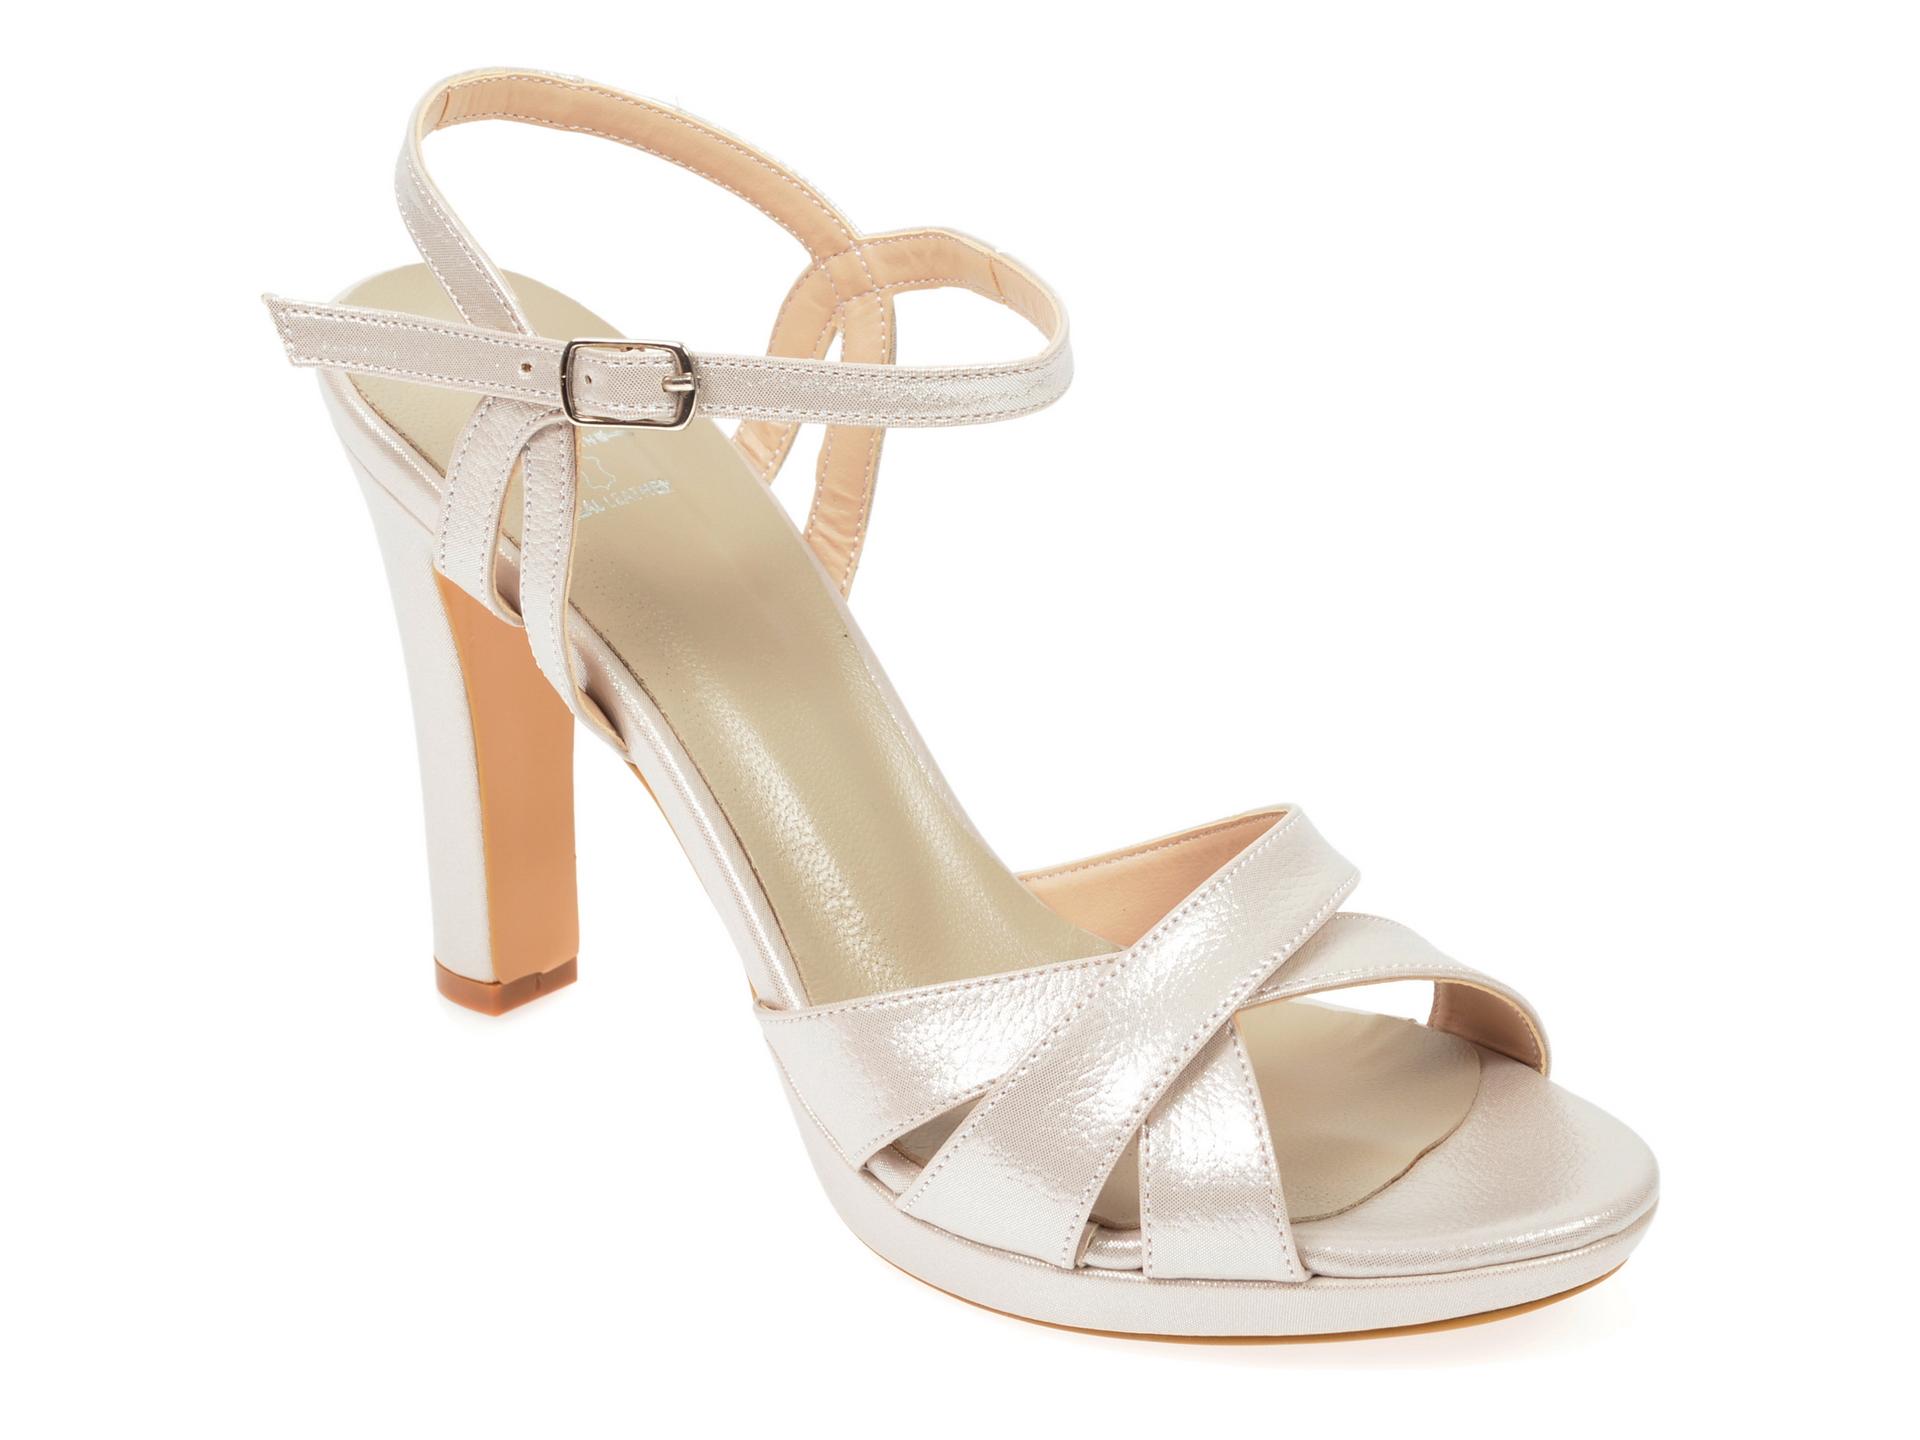 Sandale EPICA gri, 6703007, din piele ecologica